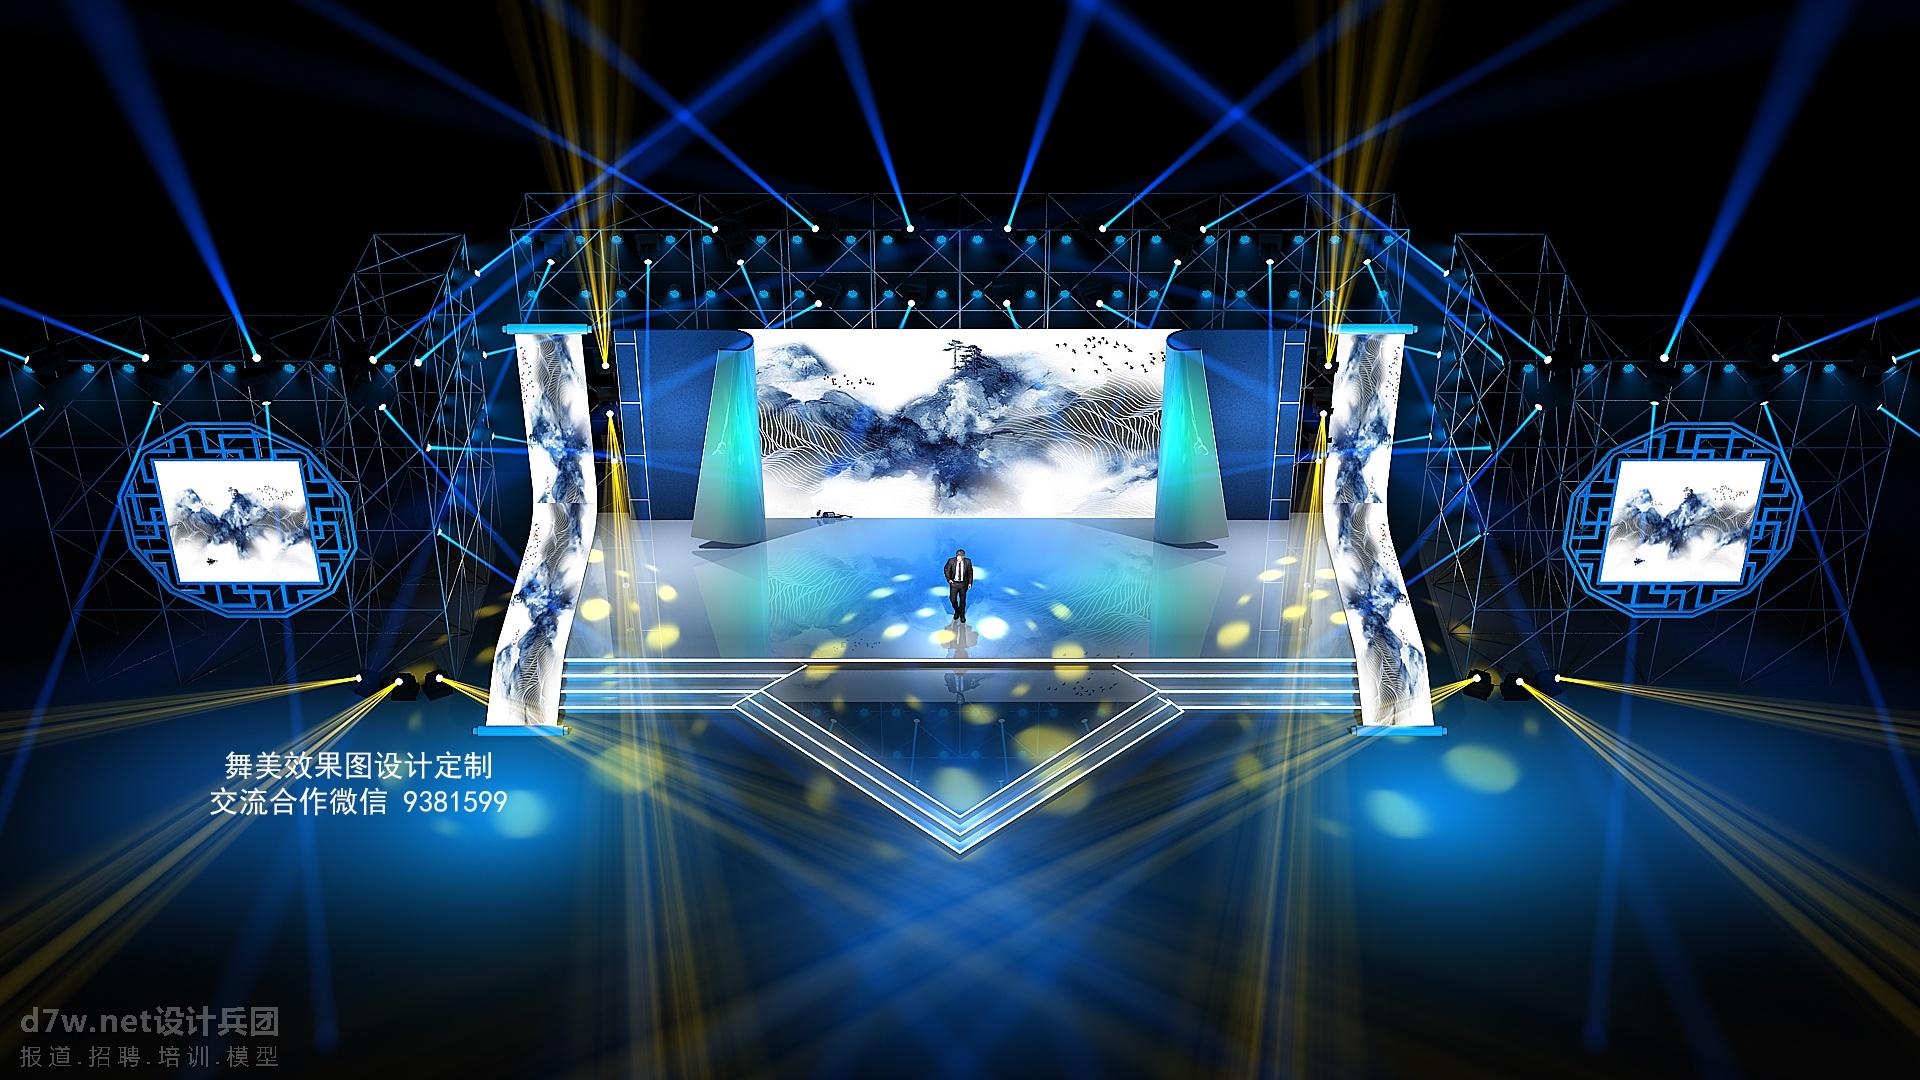 2020年会舞美 2020企业年会 中式年会设计 中式年会舞美 中式舞美效果 中式舞台效果 舞美效果图 舞台效果图  ...